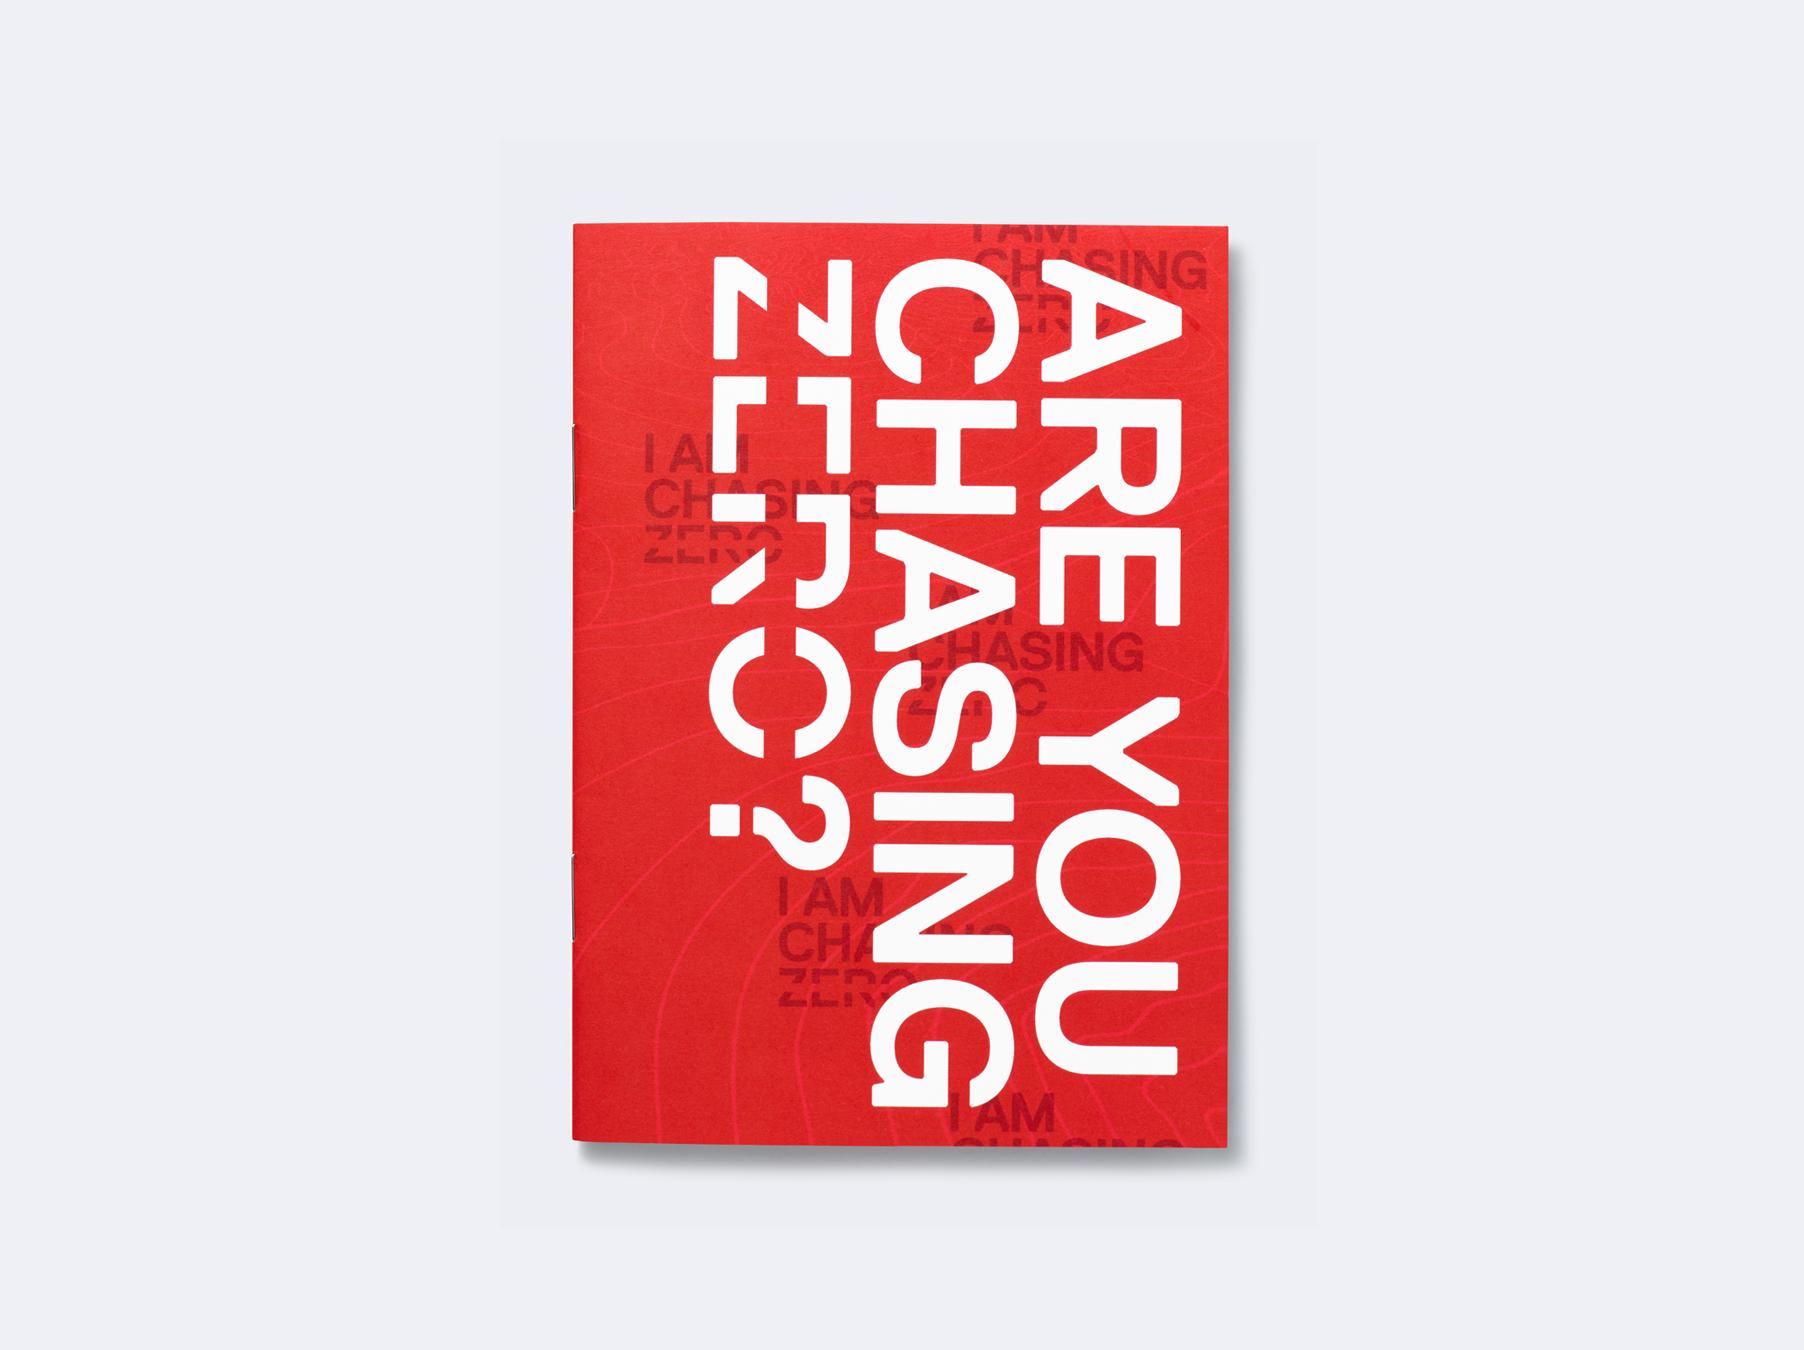 Chasing Zero 9_1804x1350.jpg